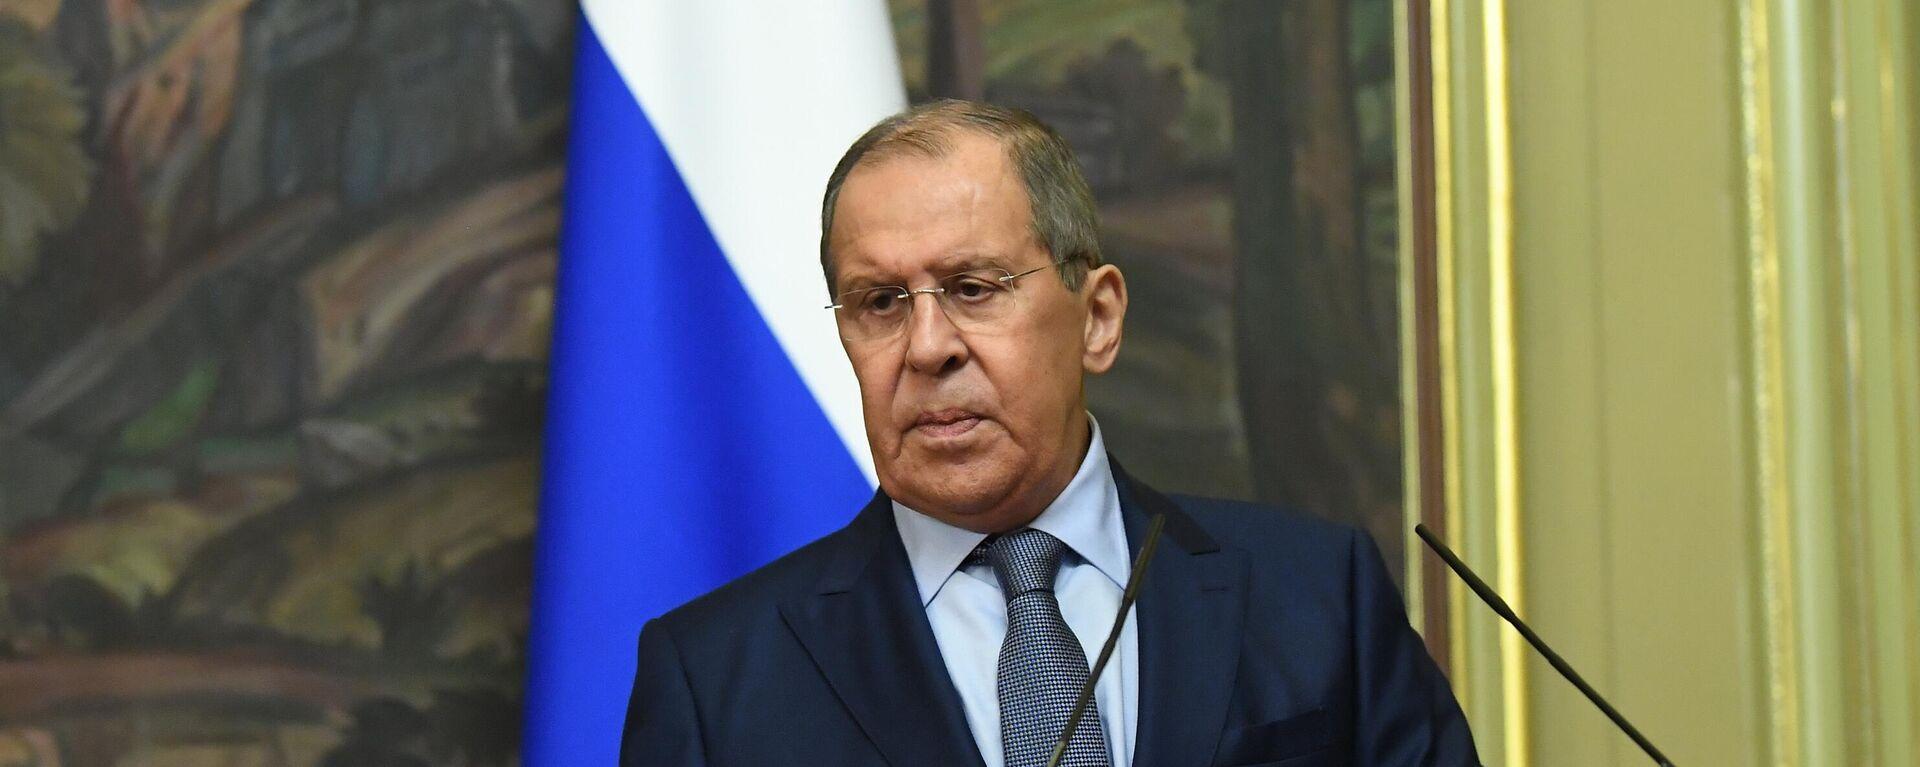 Ministar spoljnih poslova Rusije Sergej Lavrov - Sputnik Srbija, 1920, 09.09.2021